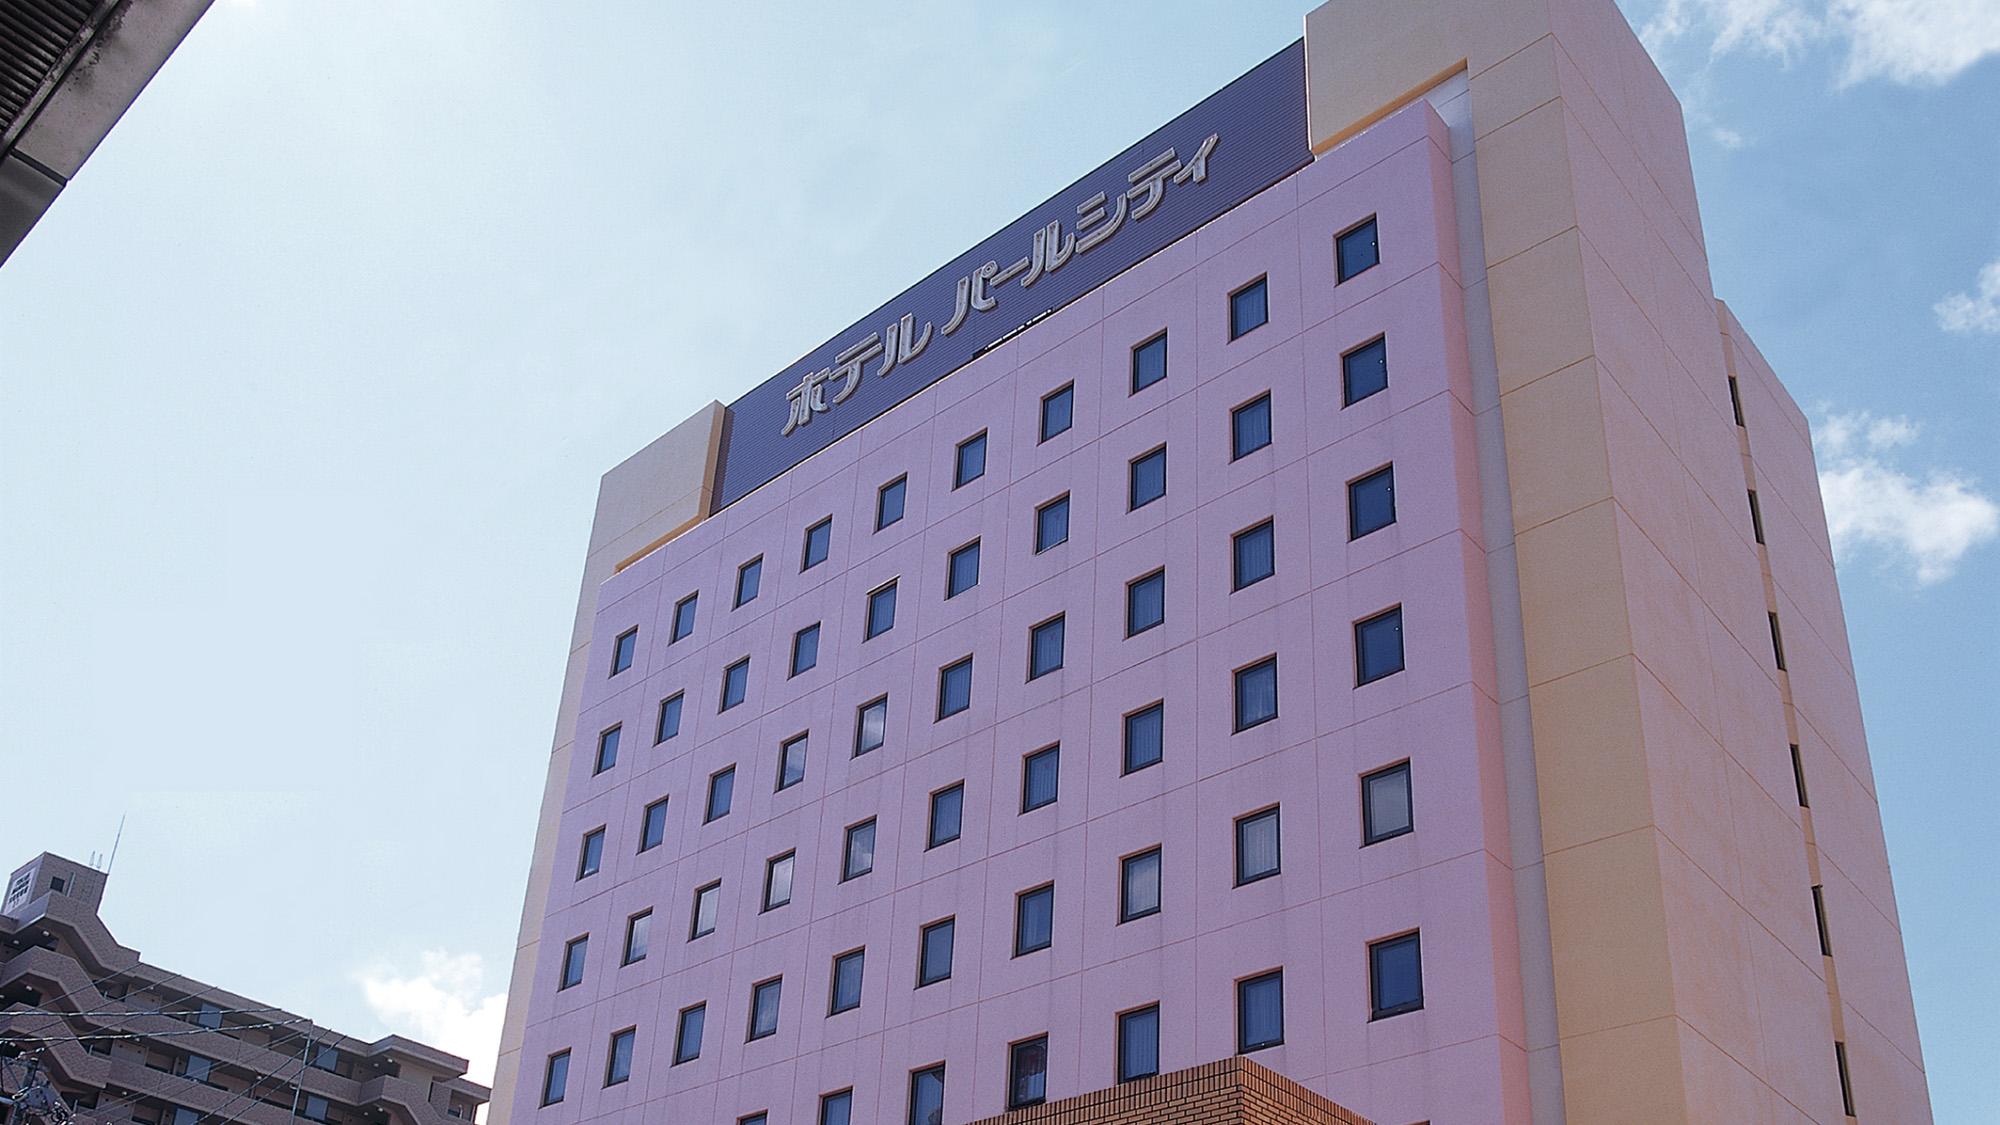 ホテルパールシティ秋田 川反(旧 ホテルパールシティ秋田) 外観写真